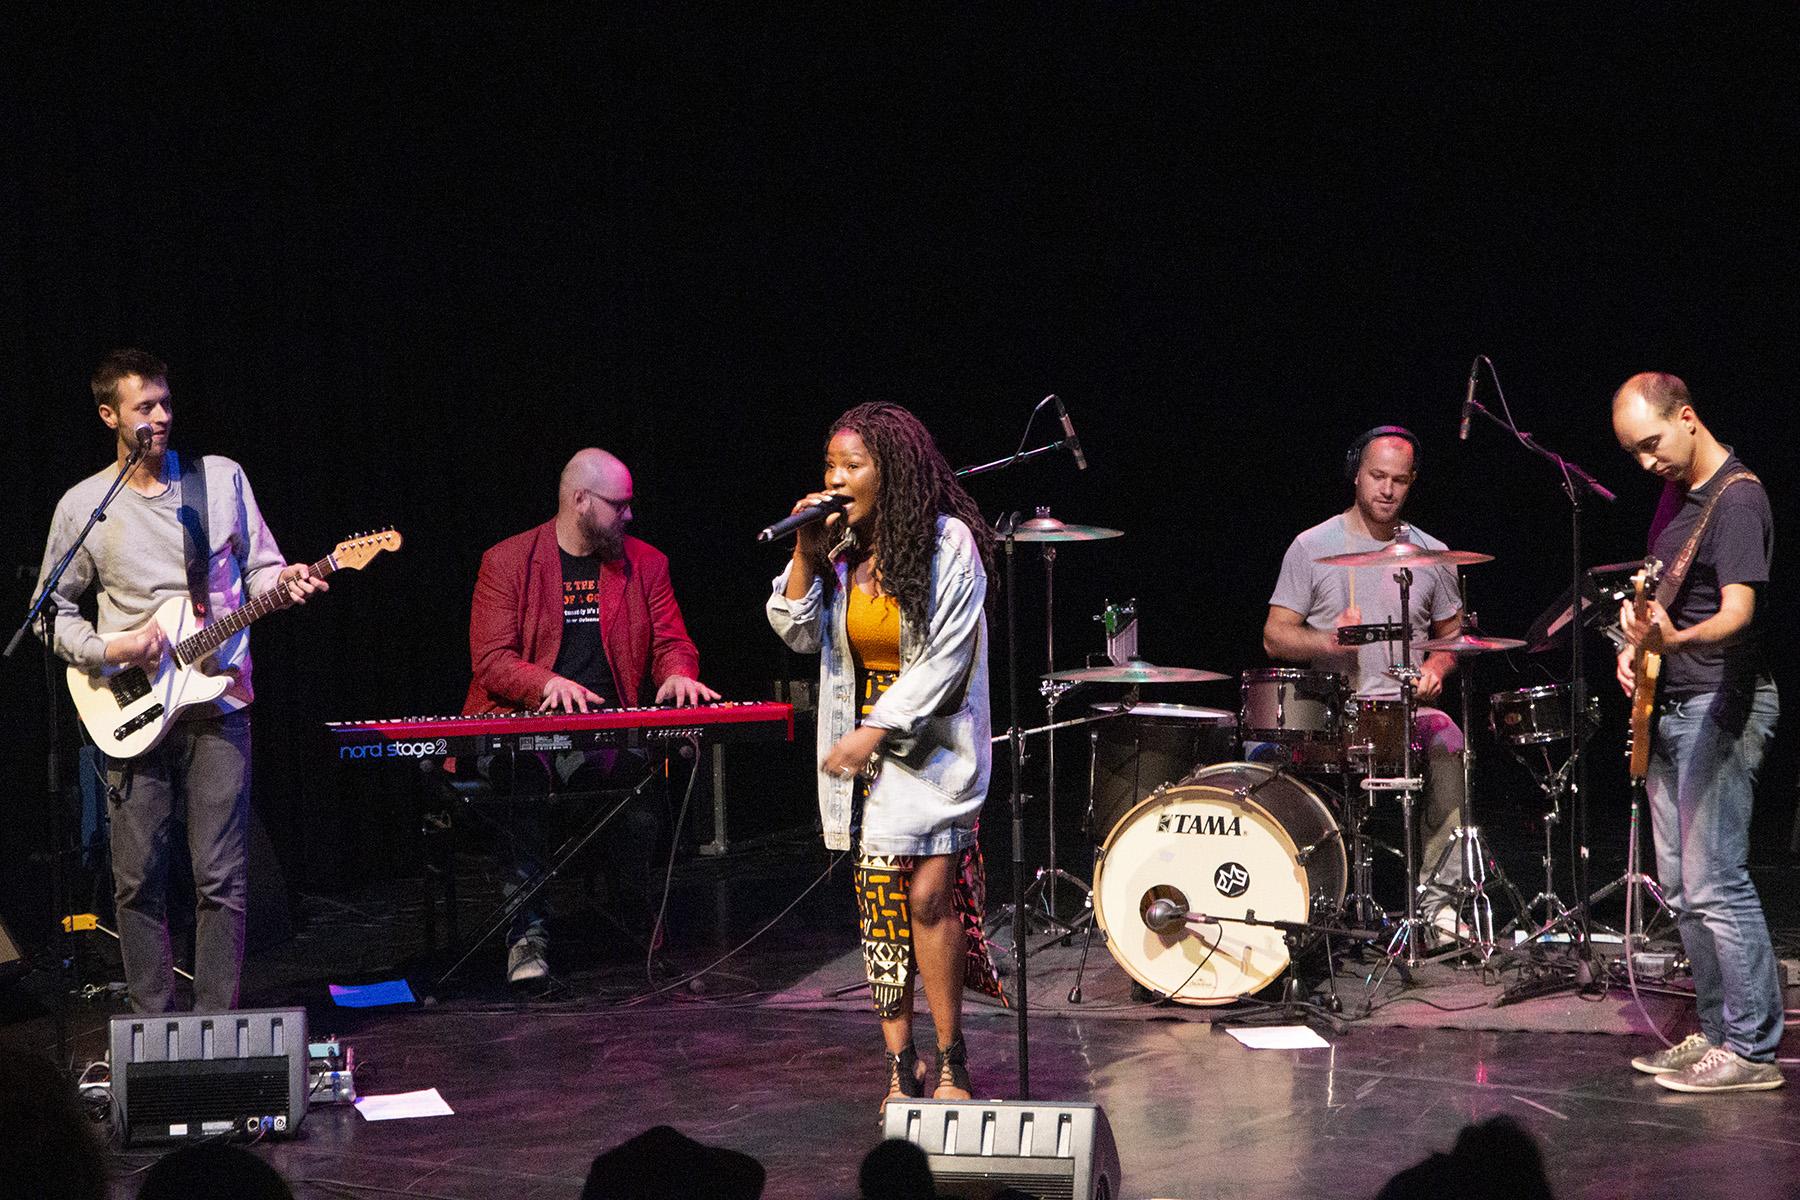 The Stage – Het optreden van de band EME met frontvrouw Emeraude Kabeya